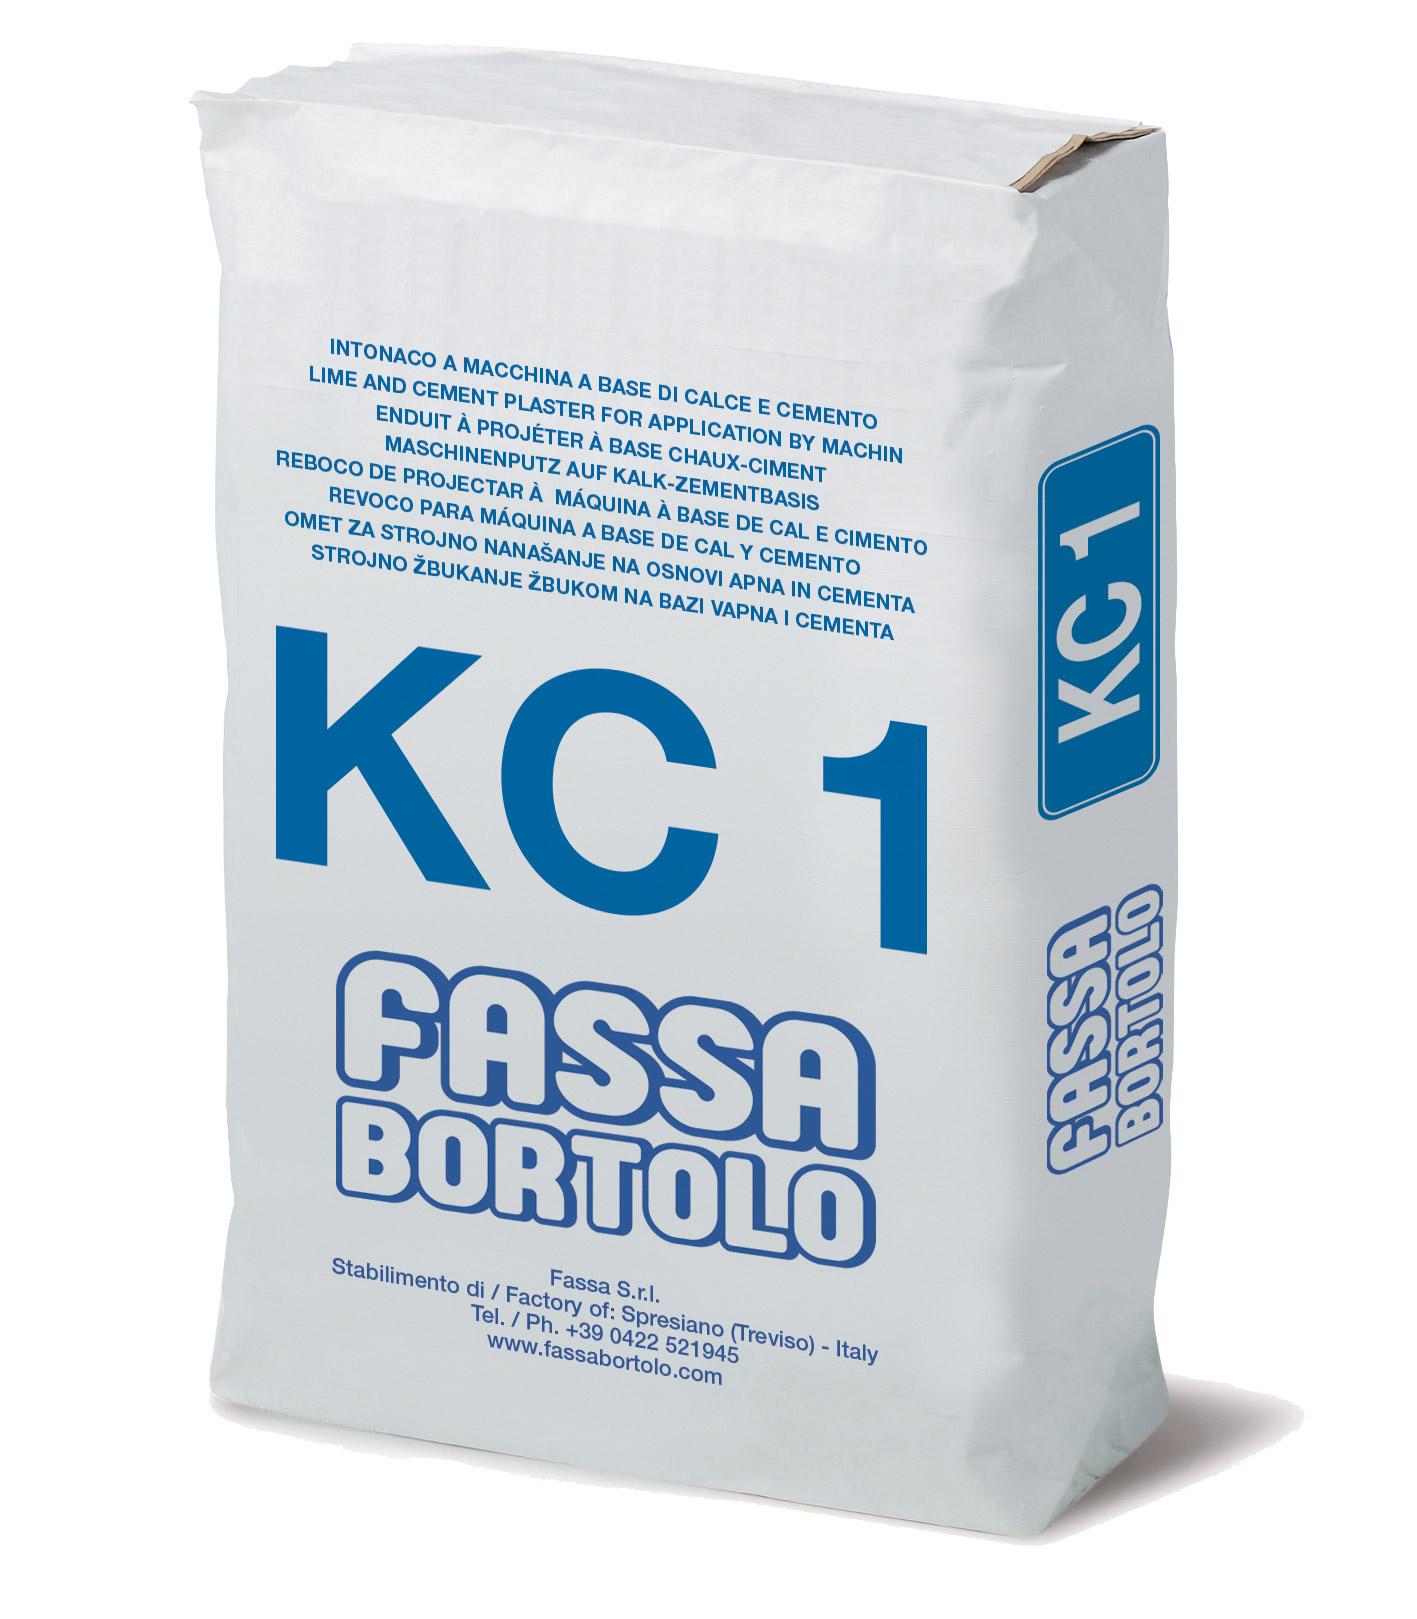 KC 1: Intonaco di fondo a base di calce e cemento, per esterni ed interni